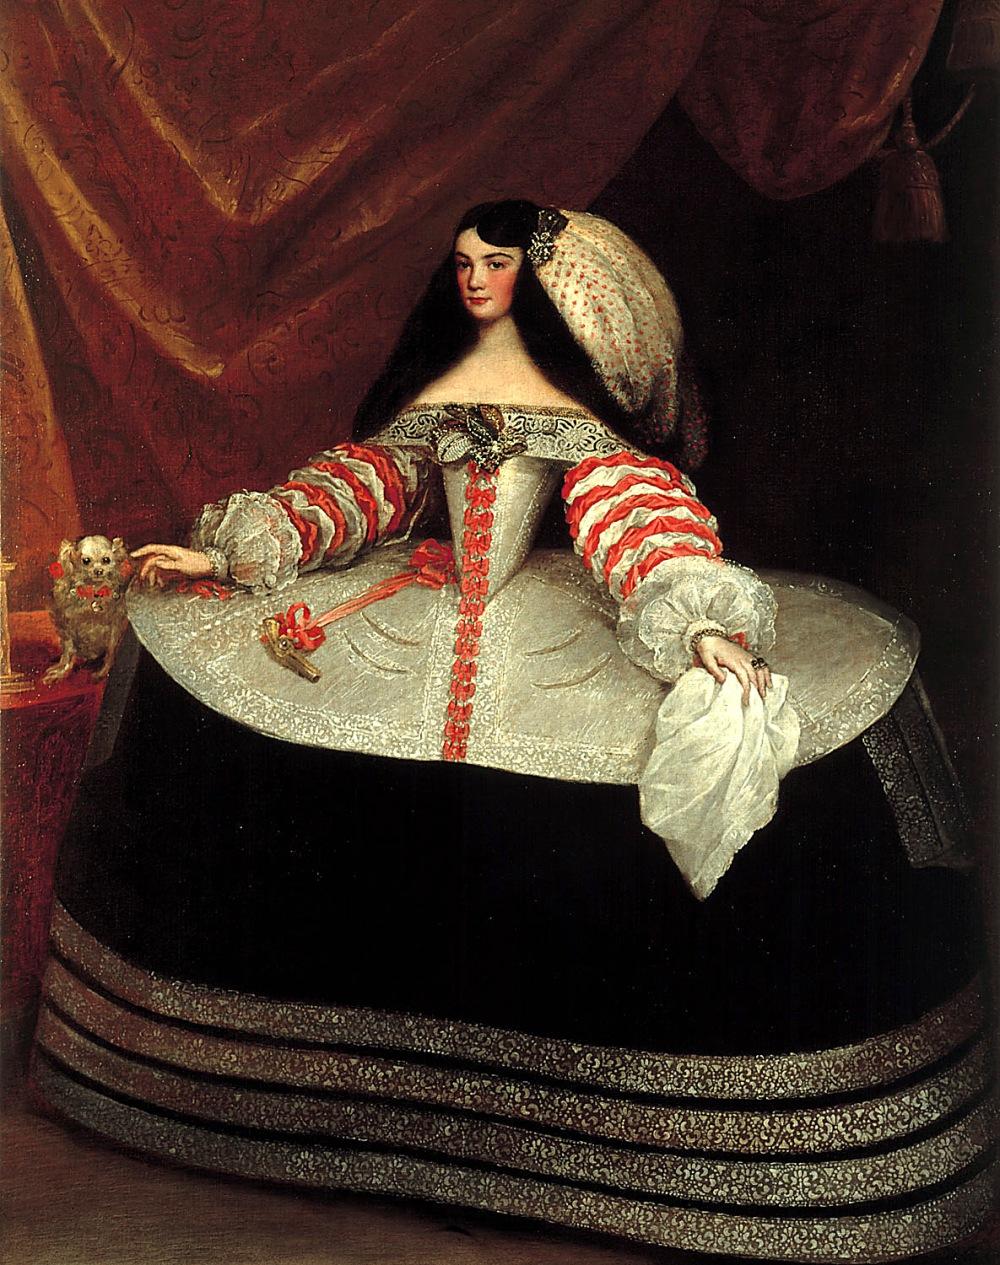 Juan Carreño de Miranda. Doña Inés de Zúñiga, Condesa de Monterrey. Hacia 1660-1670. Museo Lázaro Galdiano. Madrid.